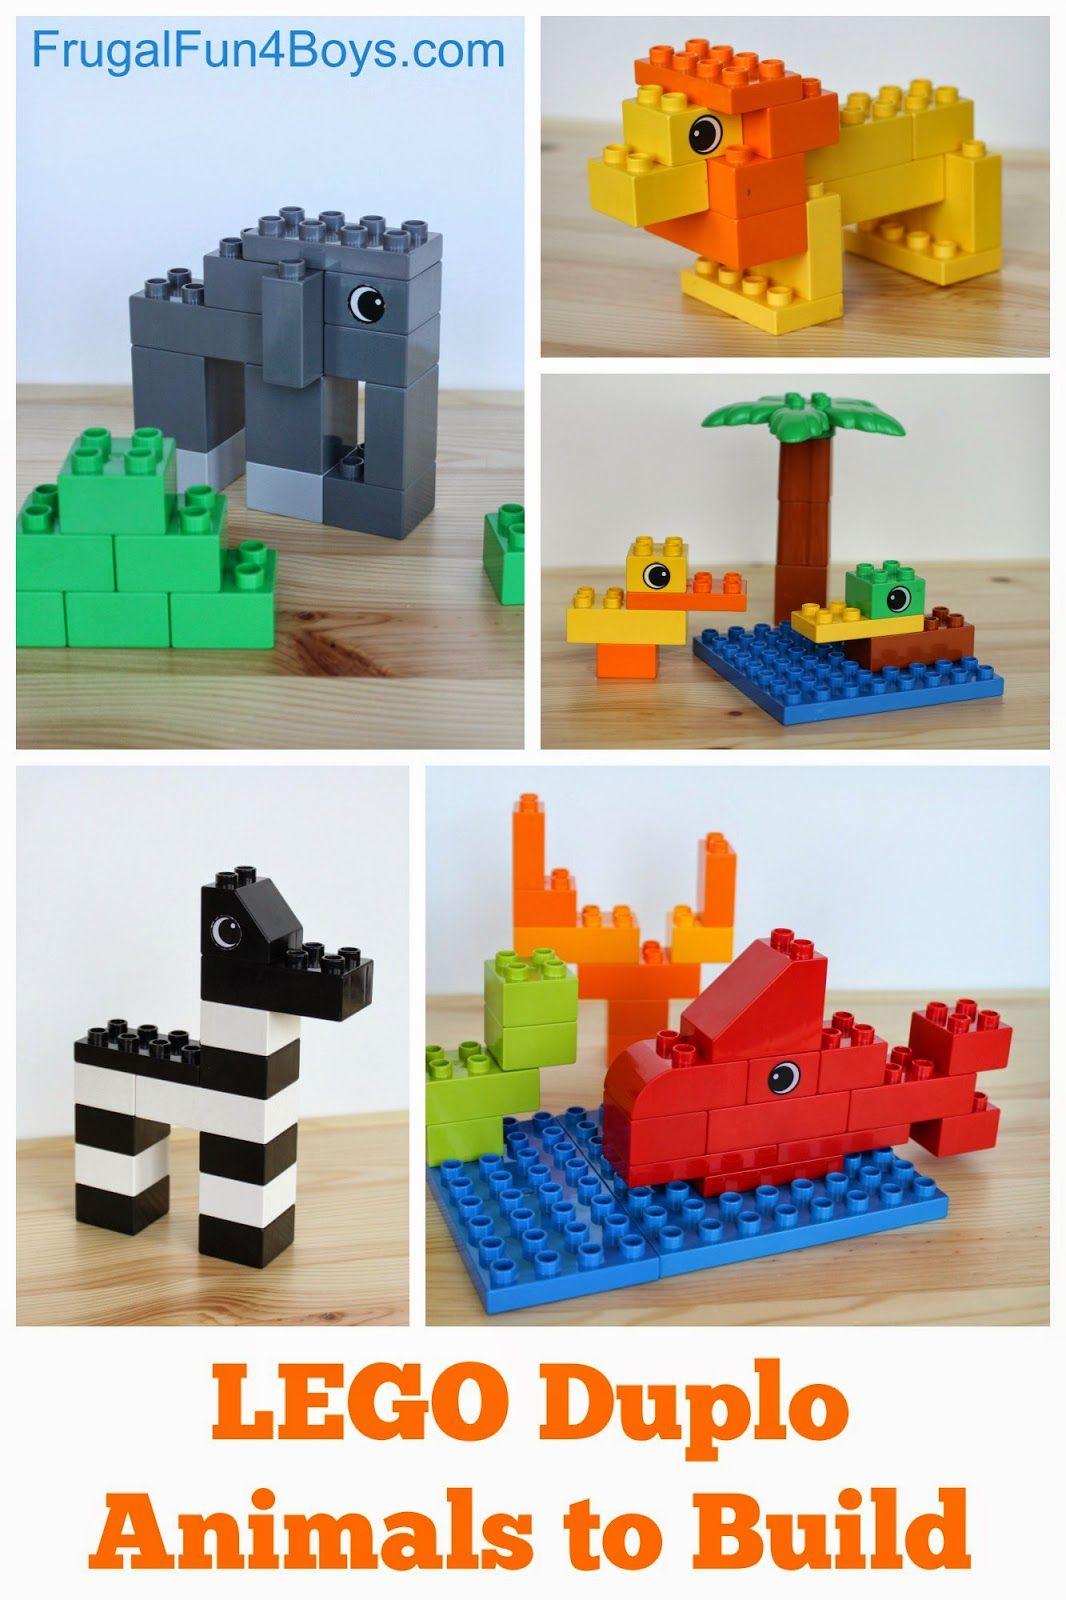 2nd Annual Lego Week